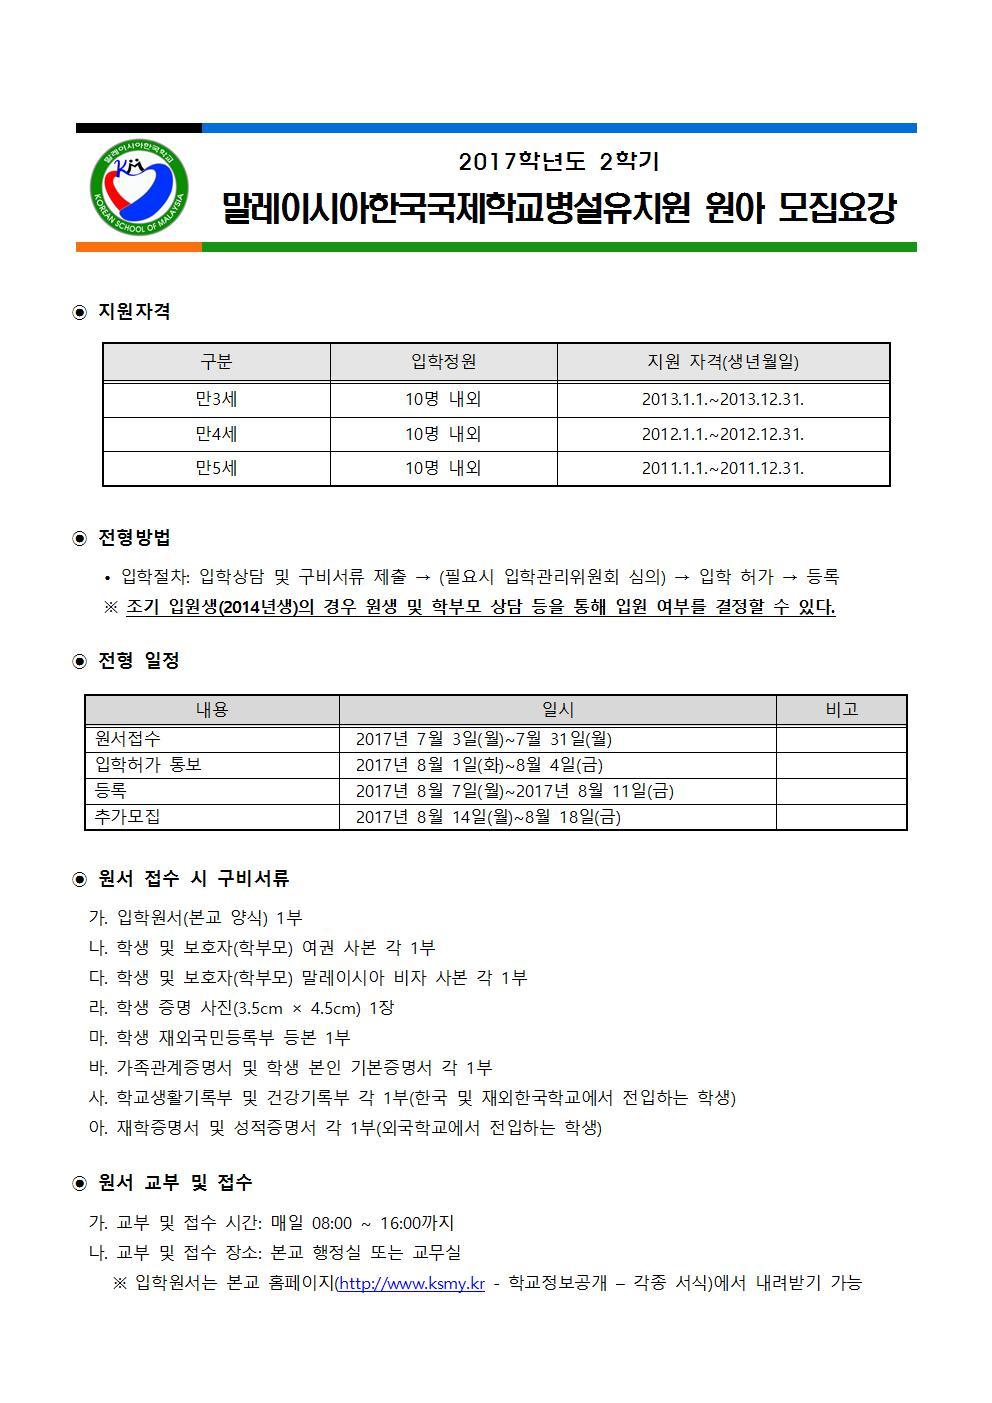 2017학년도 2학기 말레이시아한국국제학교 모집요강001.jpg